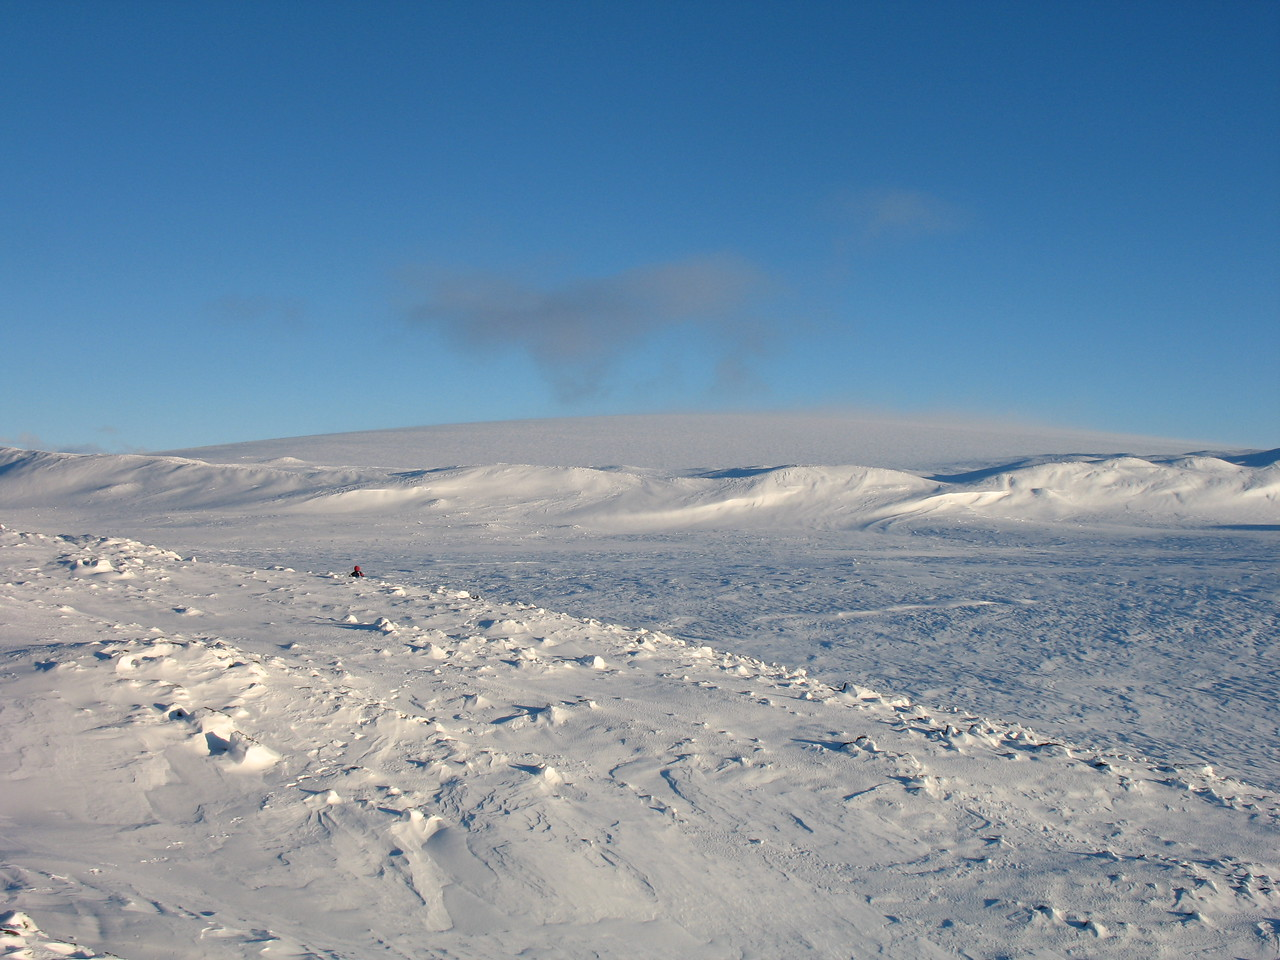 14:26 Litið í átt til jökulhettunnar bak við jökulgarðinn í miðri mynd.